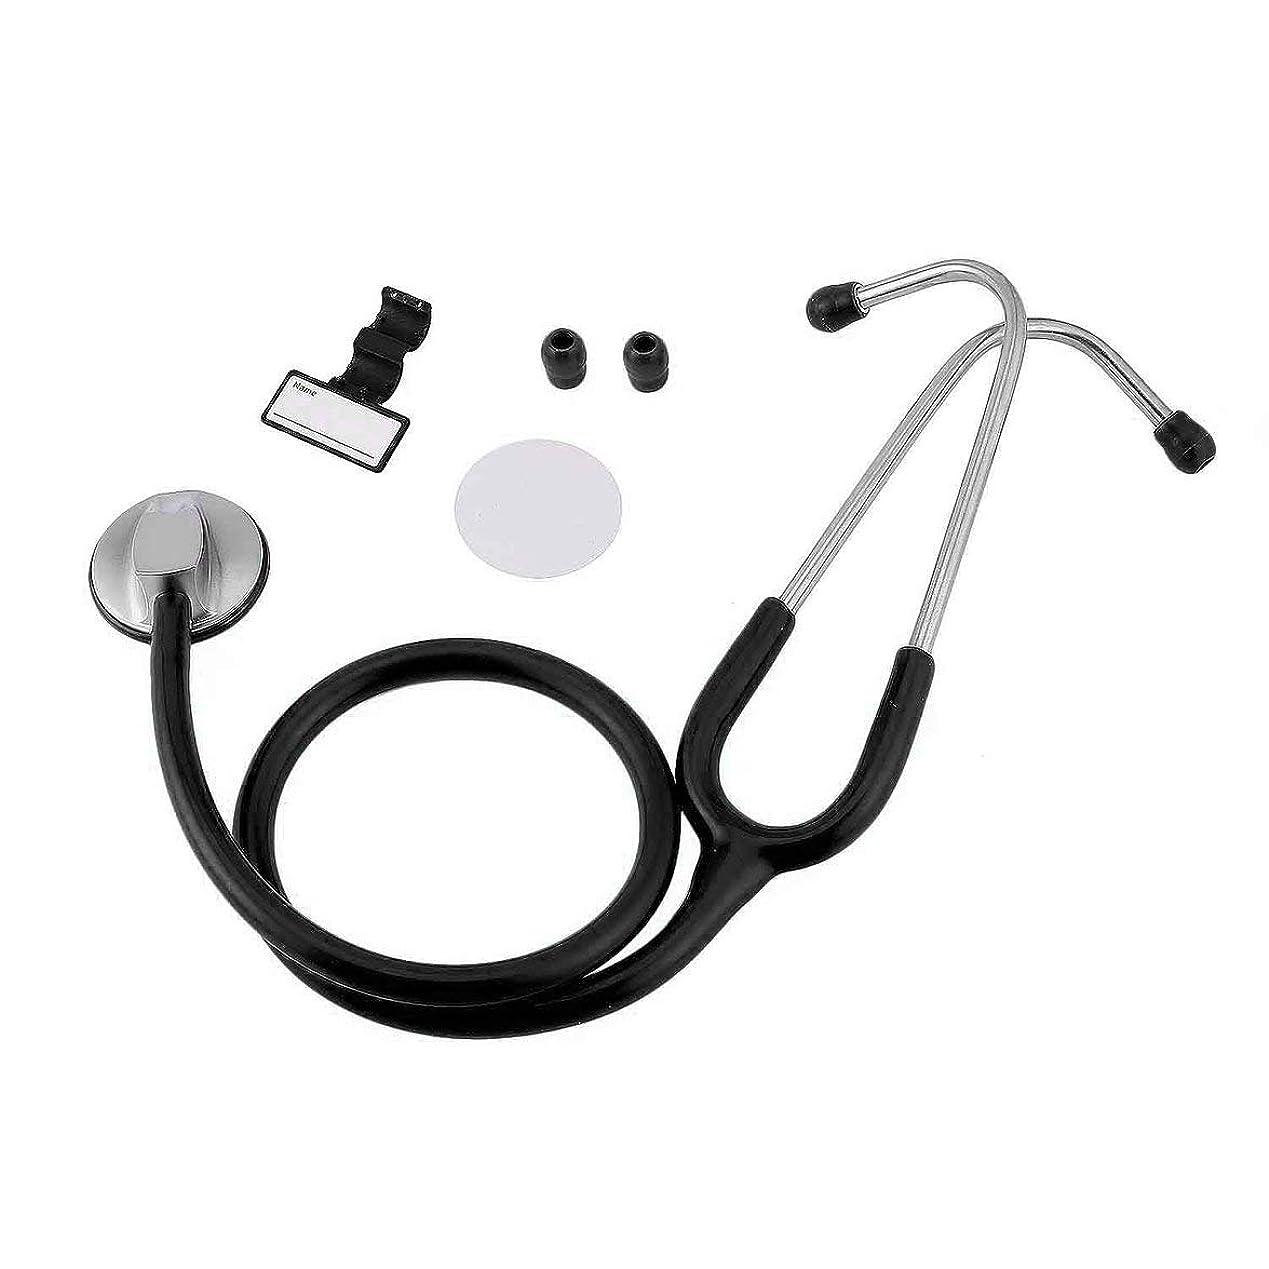 価値辞任する最もintercorey聴診器ポータブルフラットヘッド聴診器医療聴診器用具救助妊娠赤ちゃん聴診器医師医療ヘルスケア